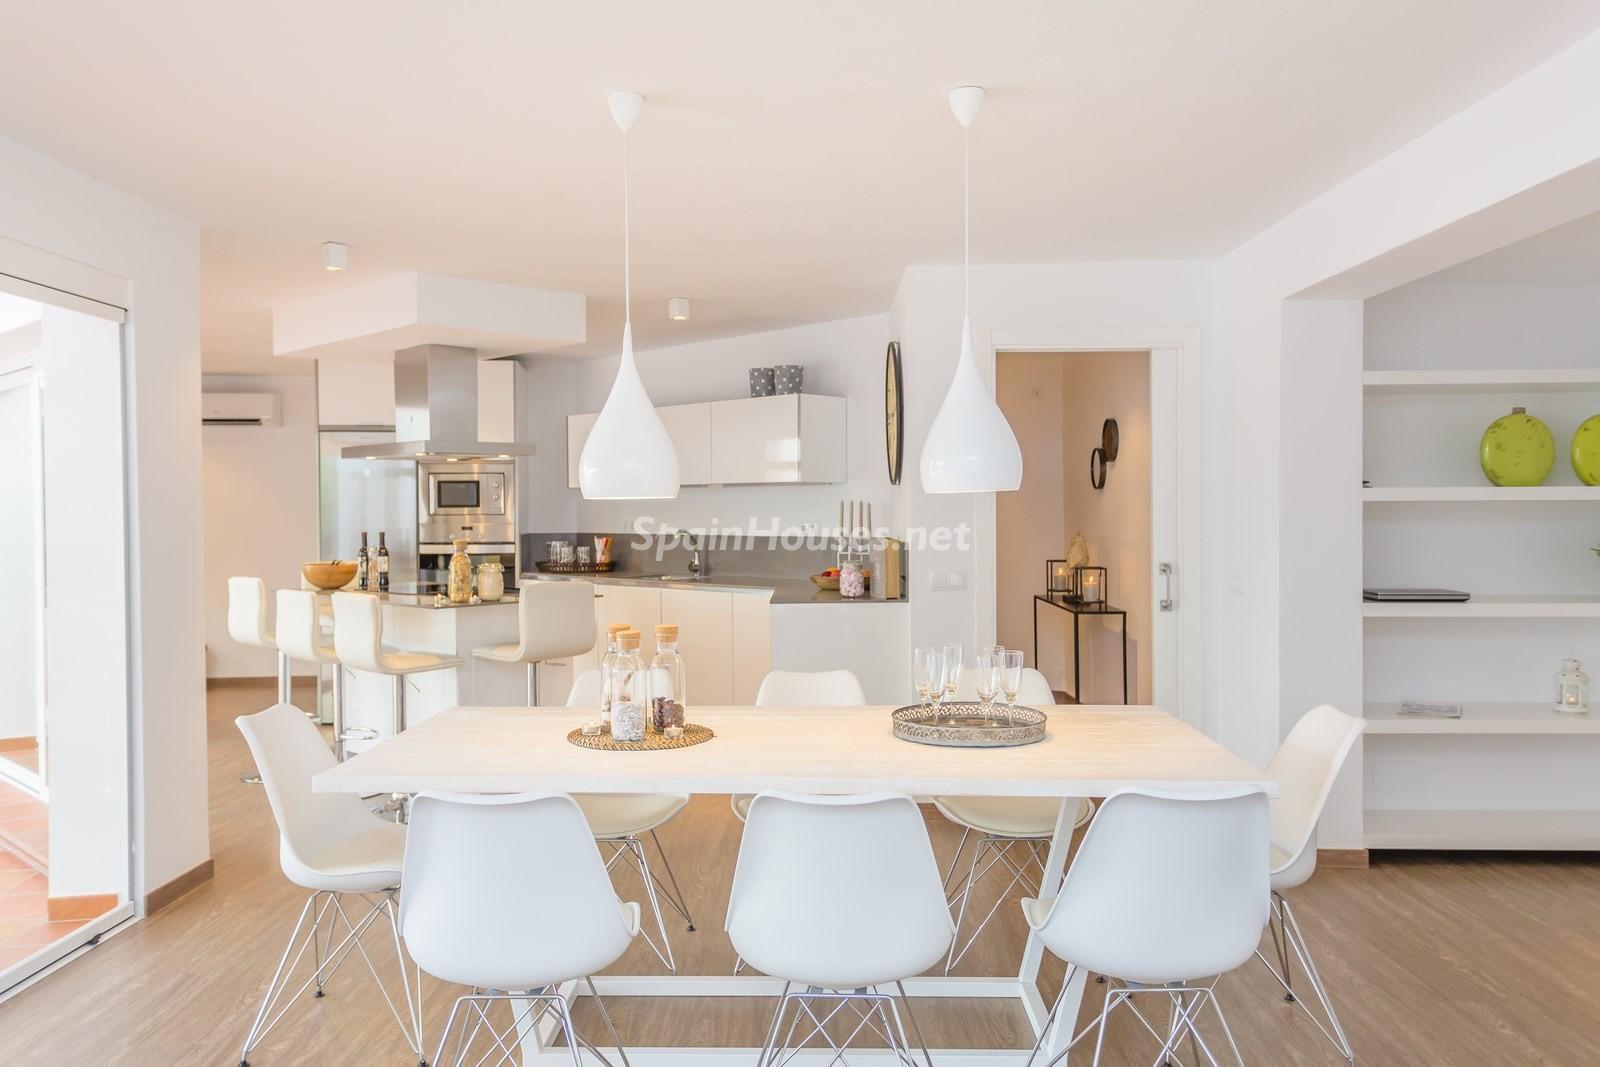 2. Villa for sale in Estepona Málaga - Beautiful 4 Bed Villa For Sale in Estepona, Málaga